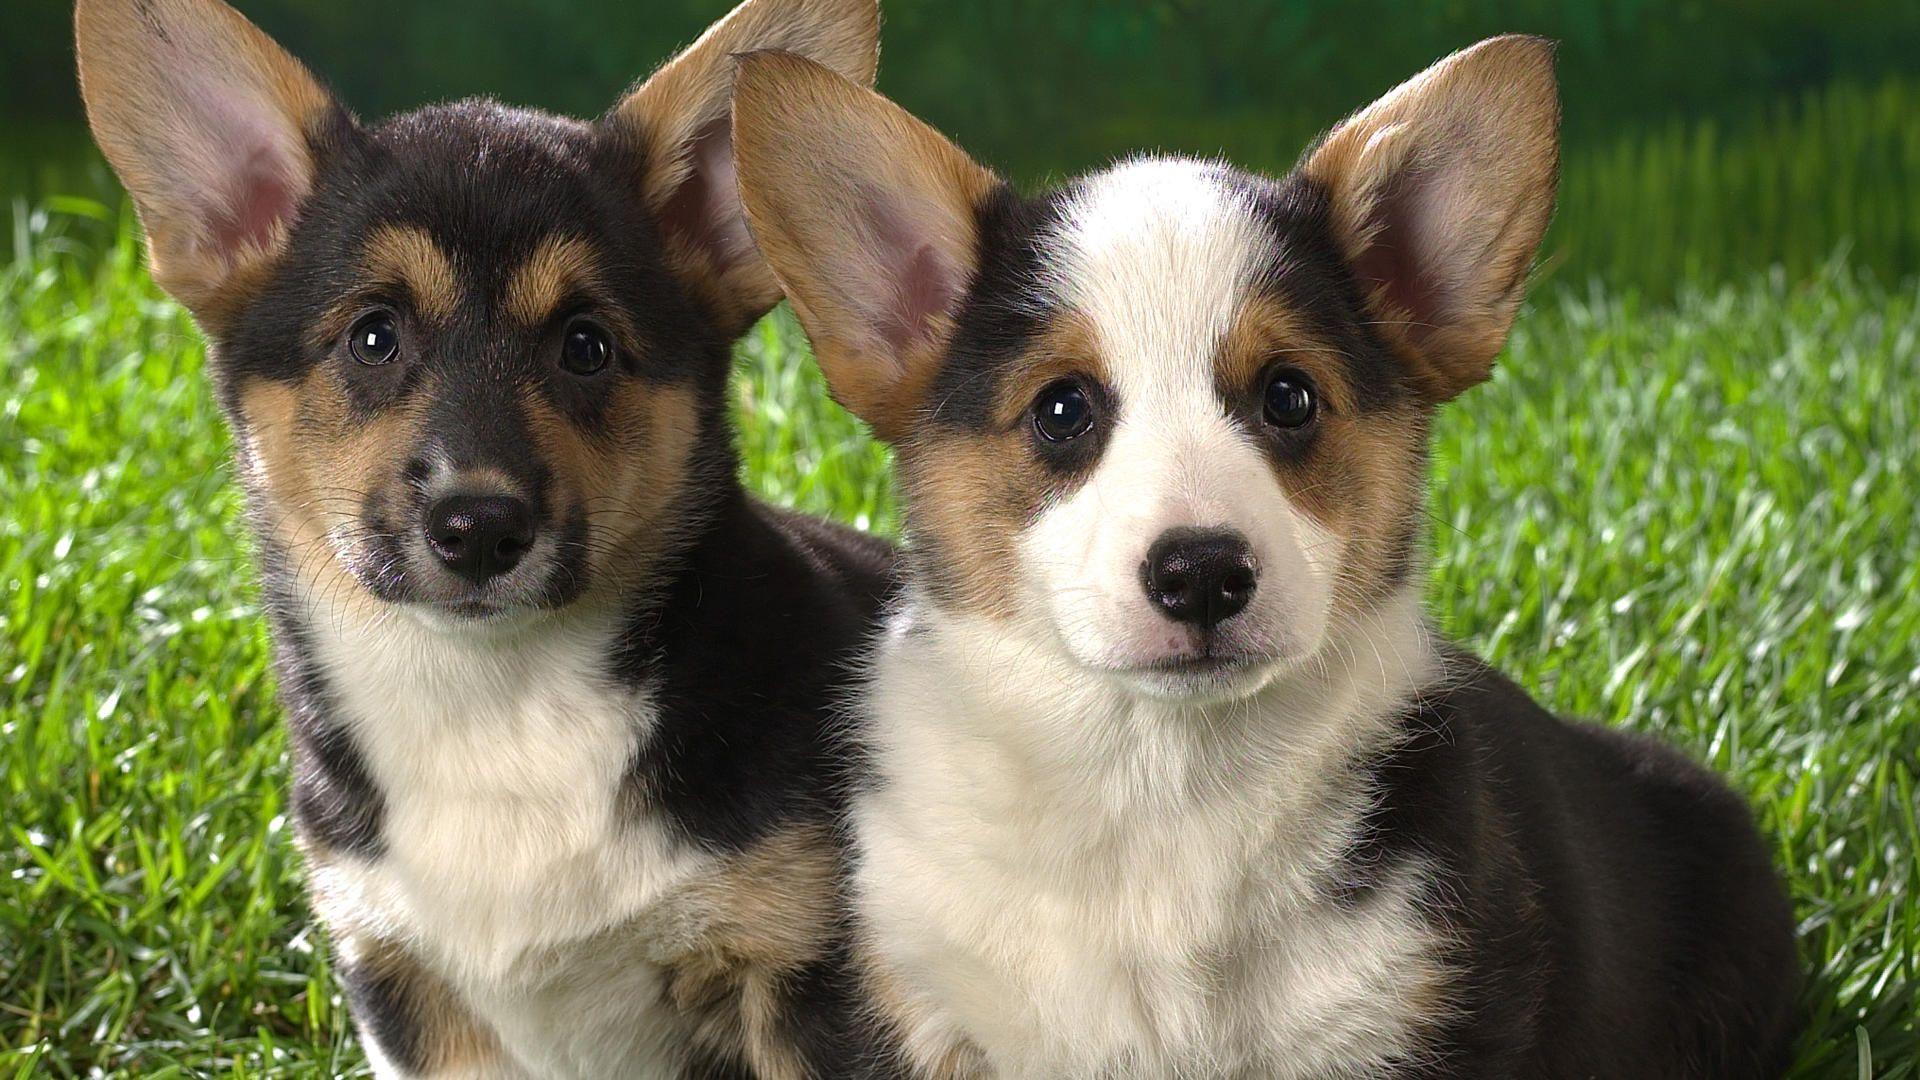 corgi puppies wallpaper wallpapersafari